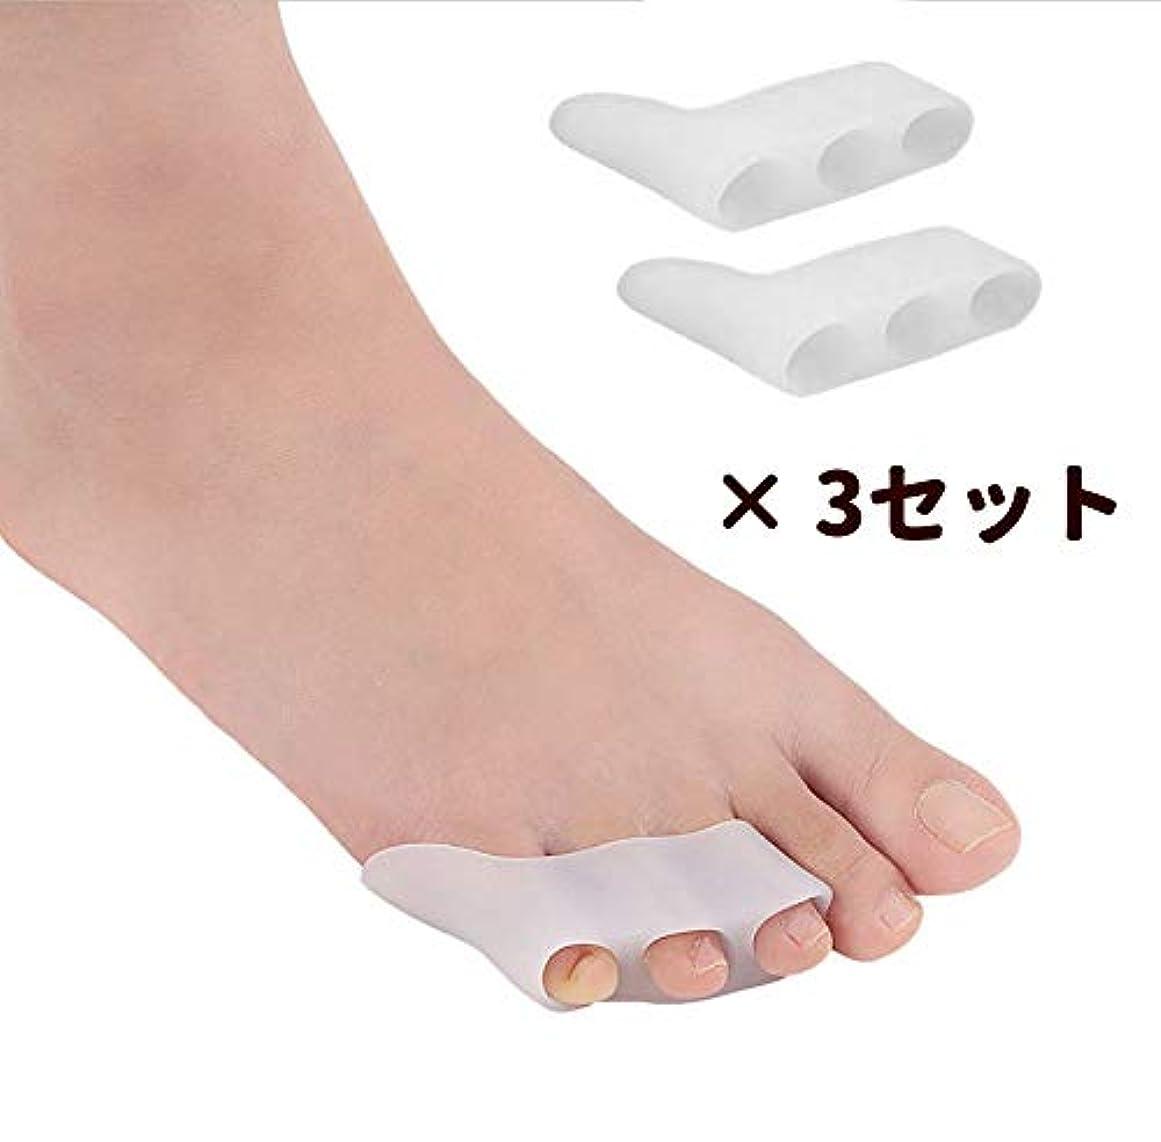 Lumiele 足指セパレーター内反小趾 足指 サポーター 柔らかシリコン 3セット 6個入り